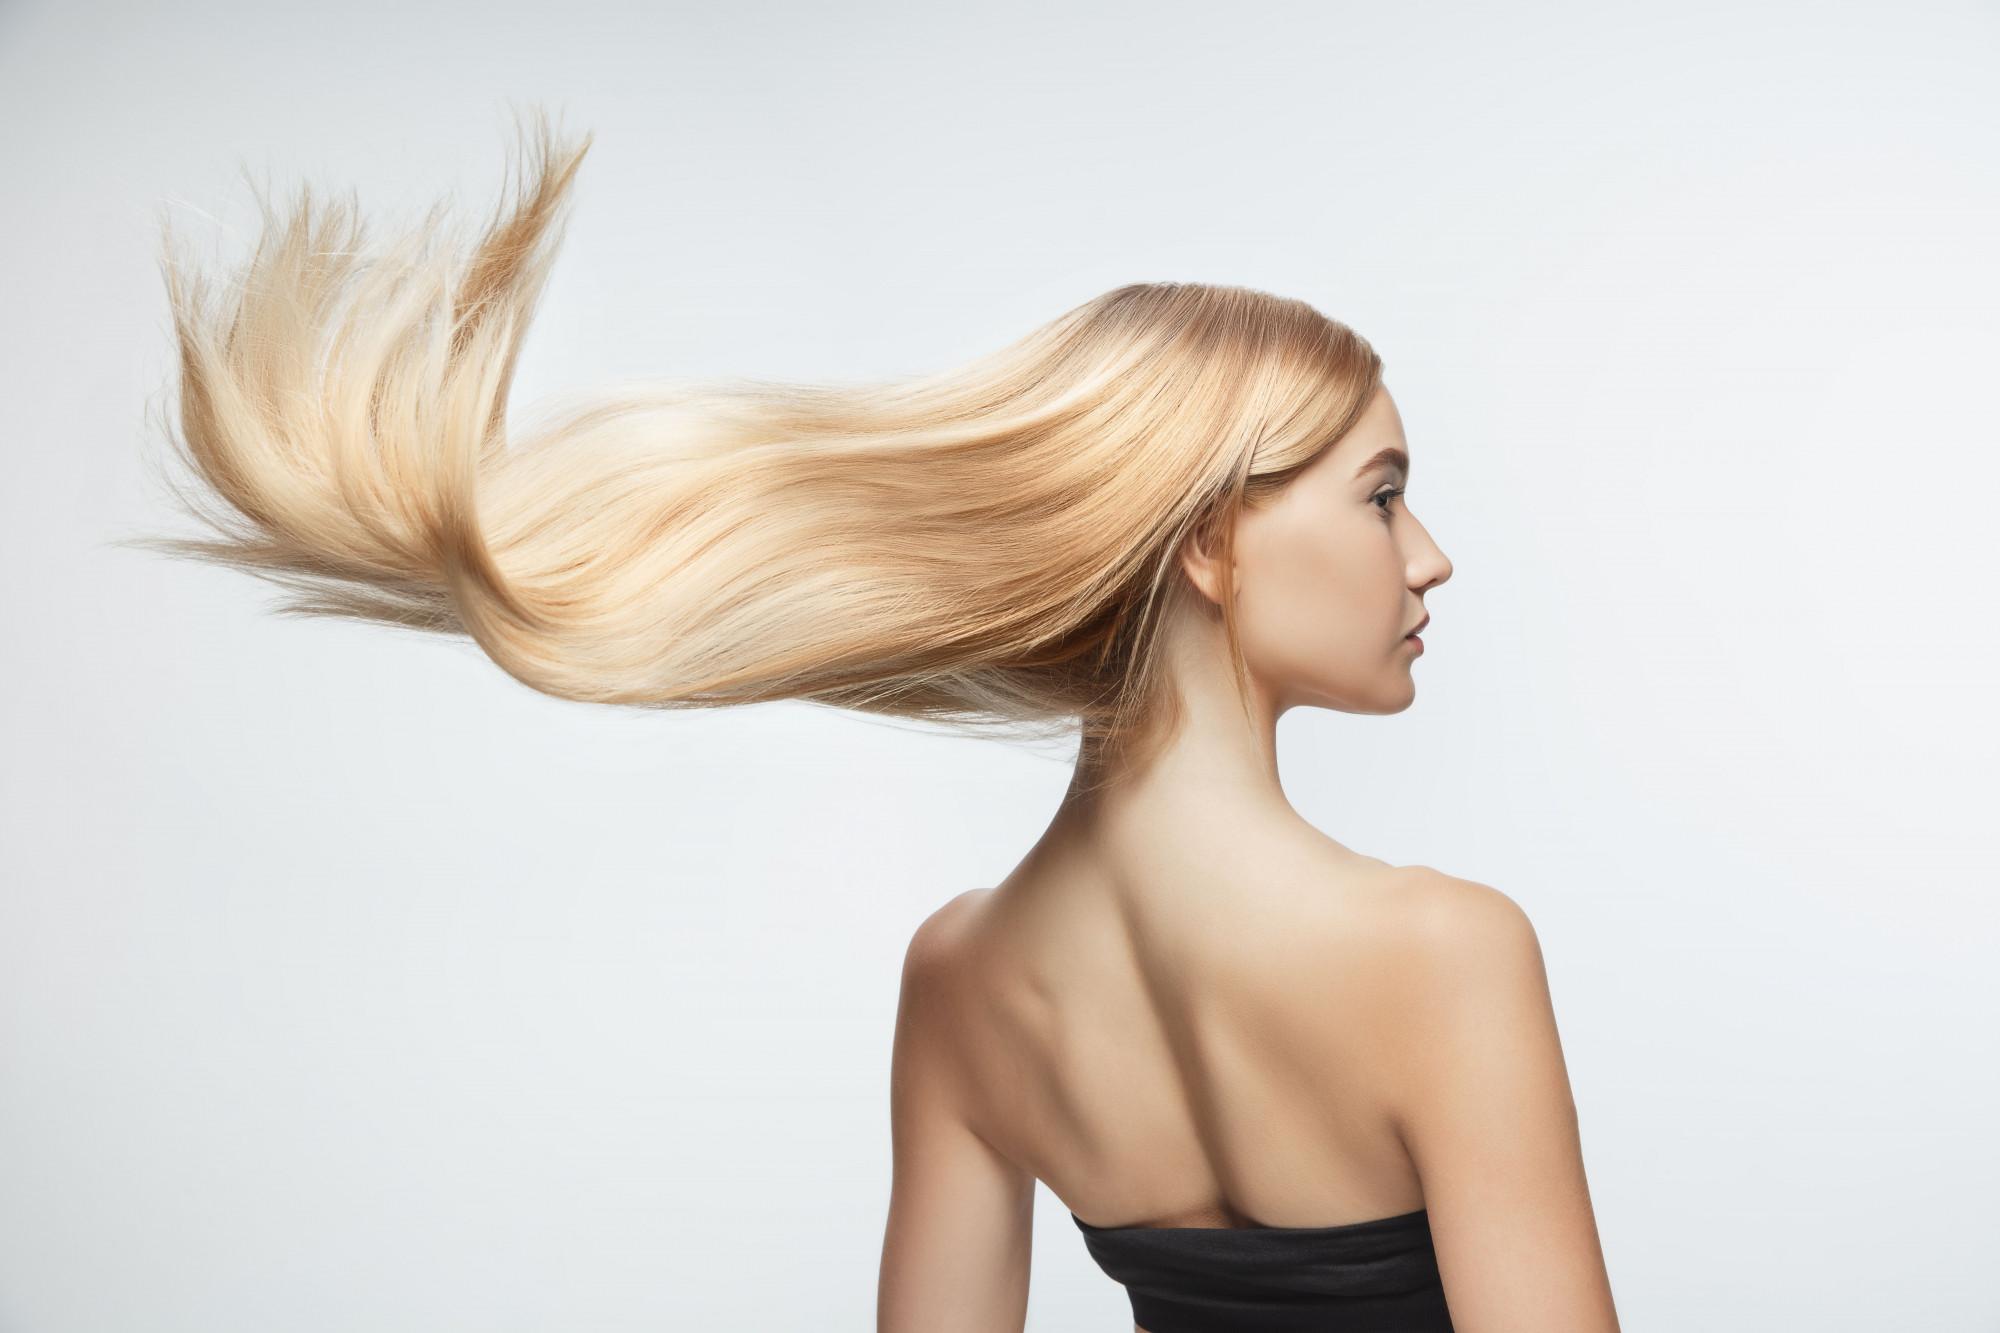 4 dicas para cuidar do cabelo loiro em casa